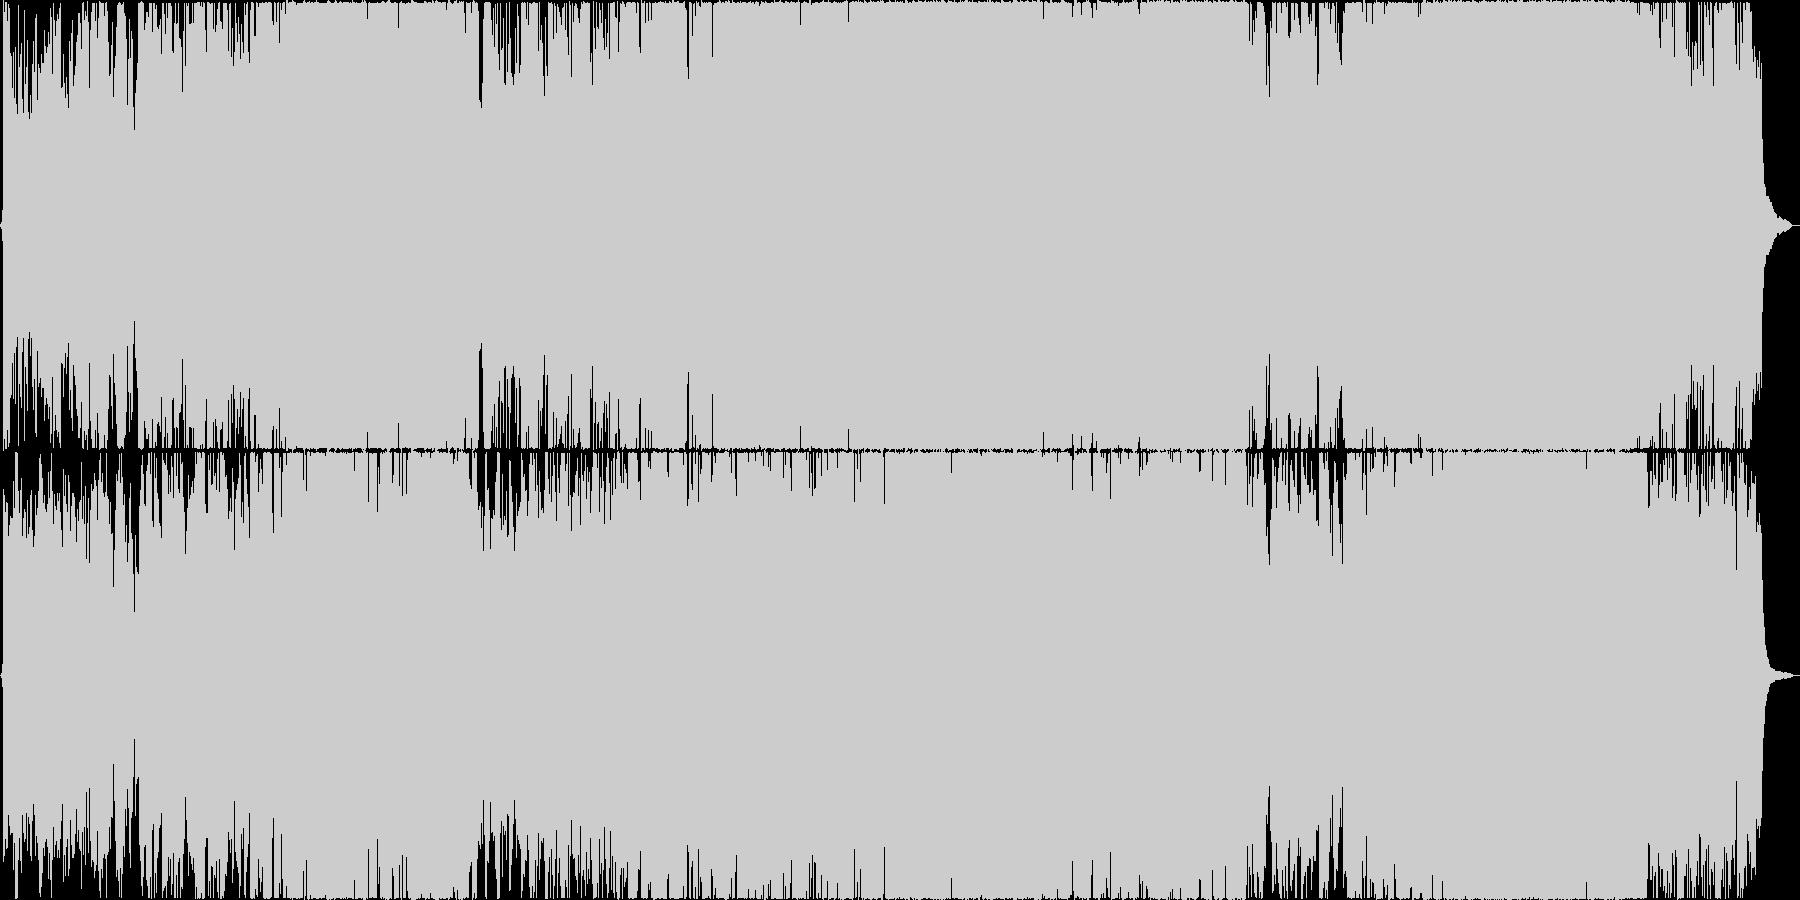 二胡(生)と古筝、太鼓などを使った楽曲の未再生の波形